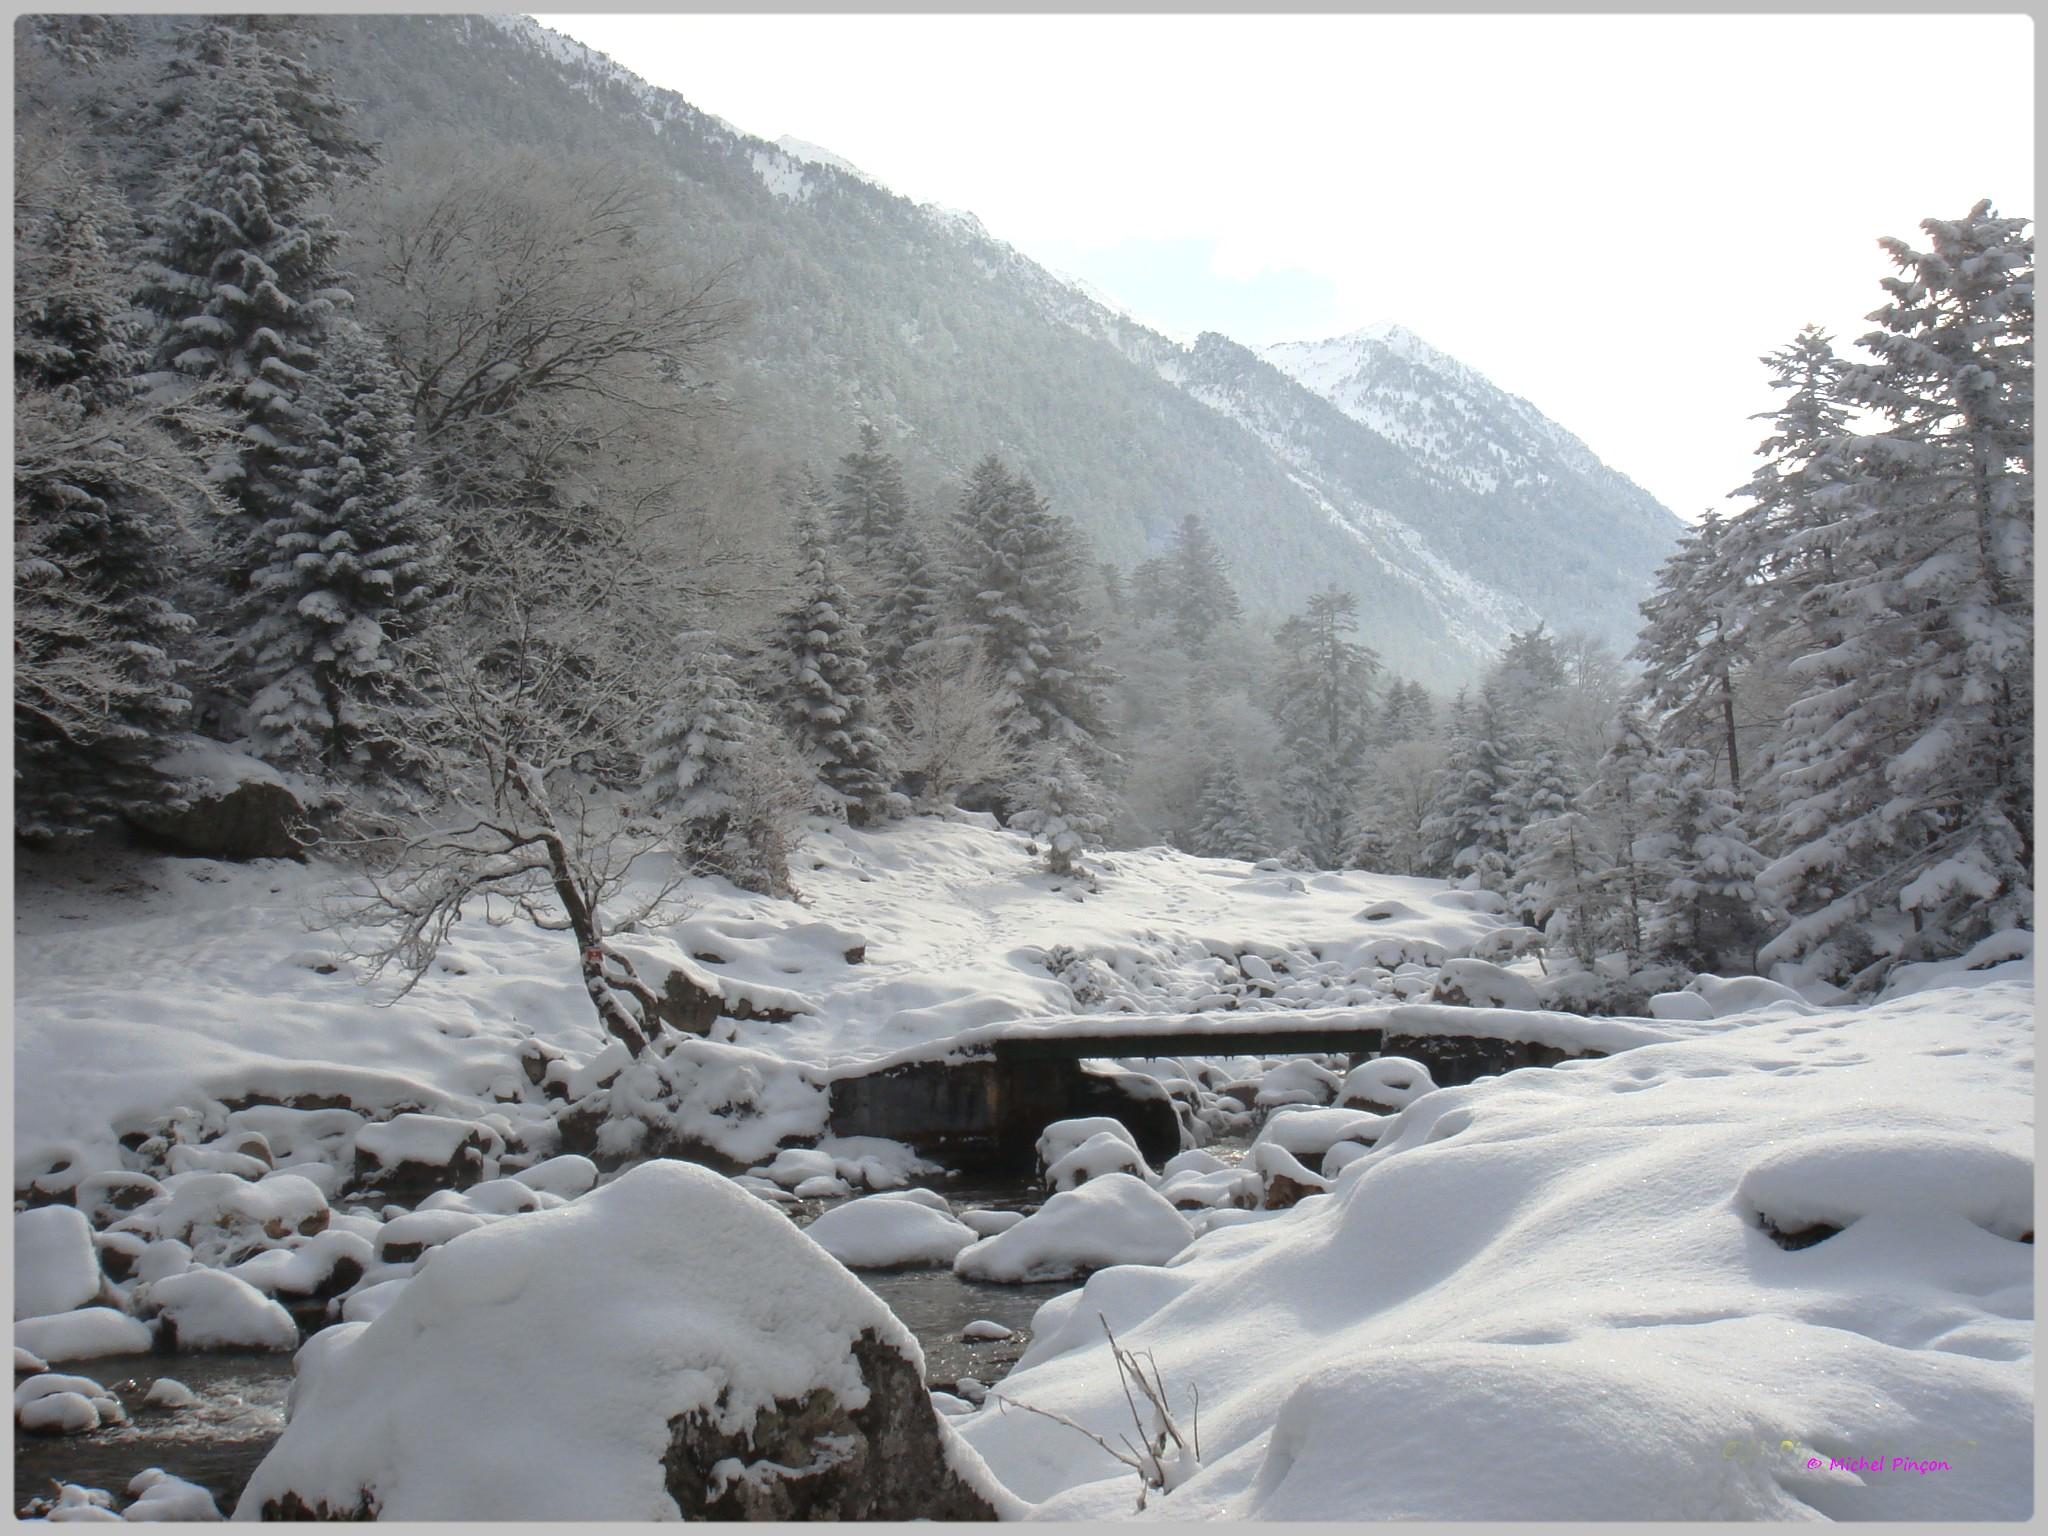 Une semaine à la Neige dans les Htes Pyrénées - Page 2 765066DSC01141